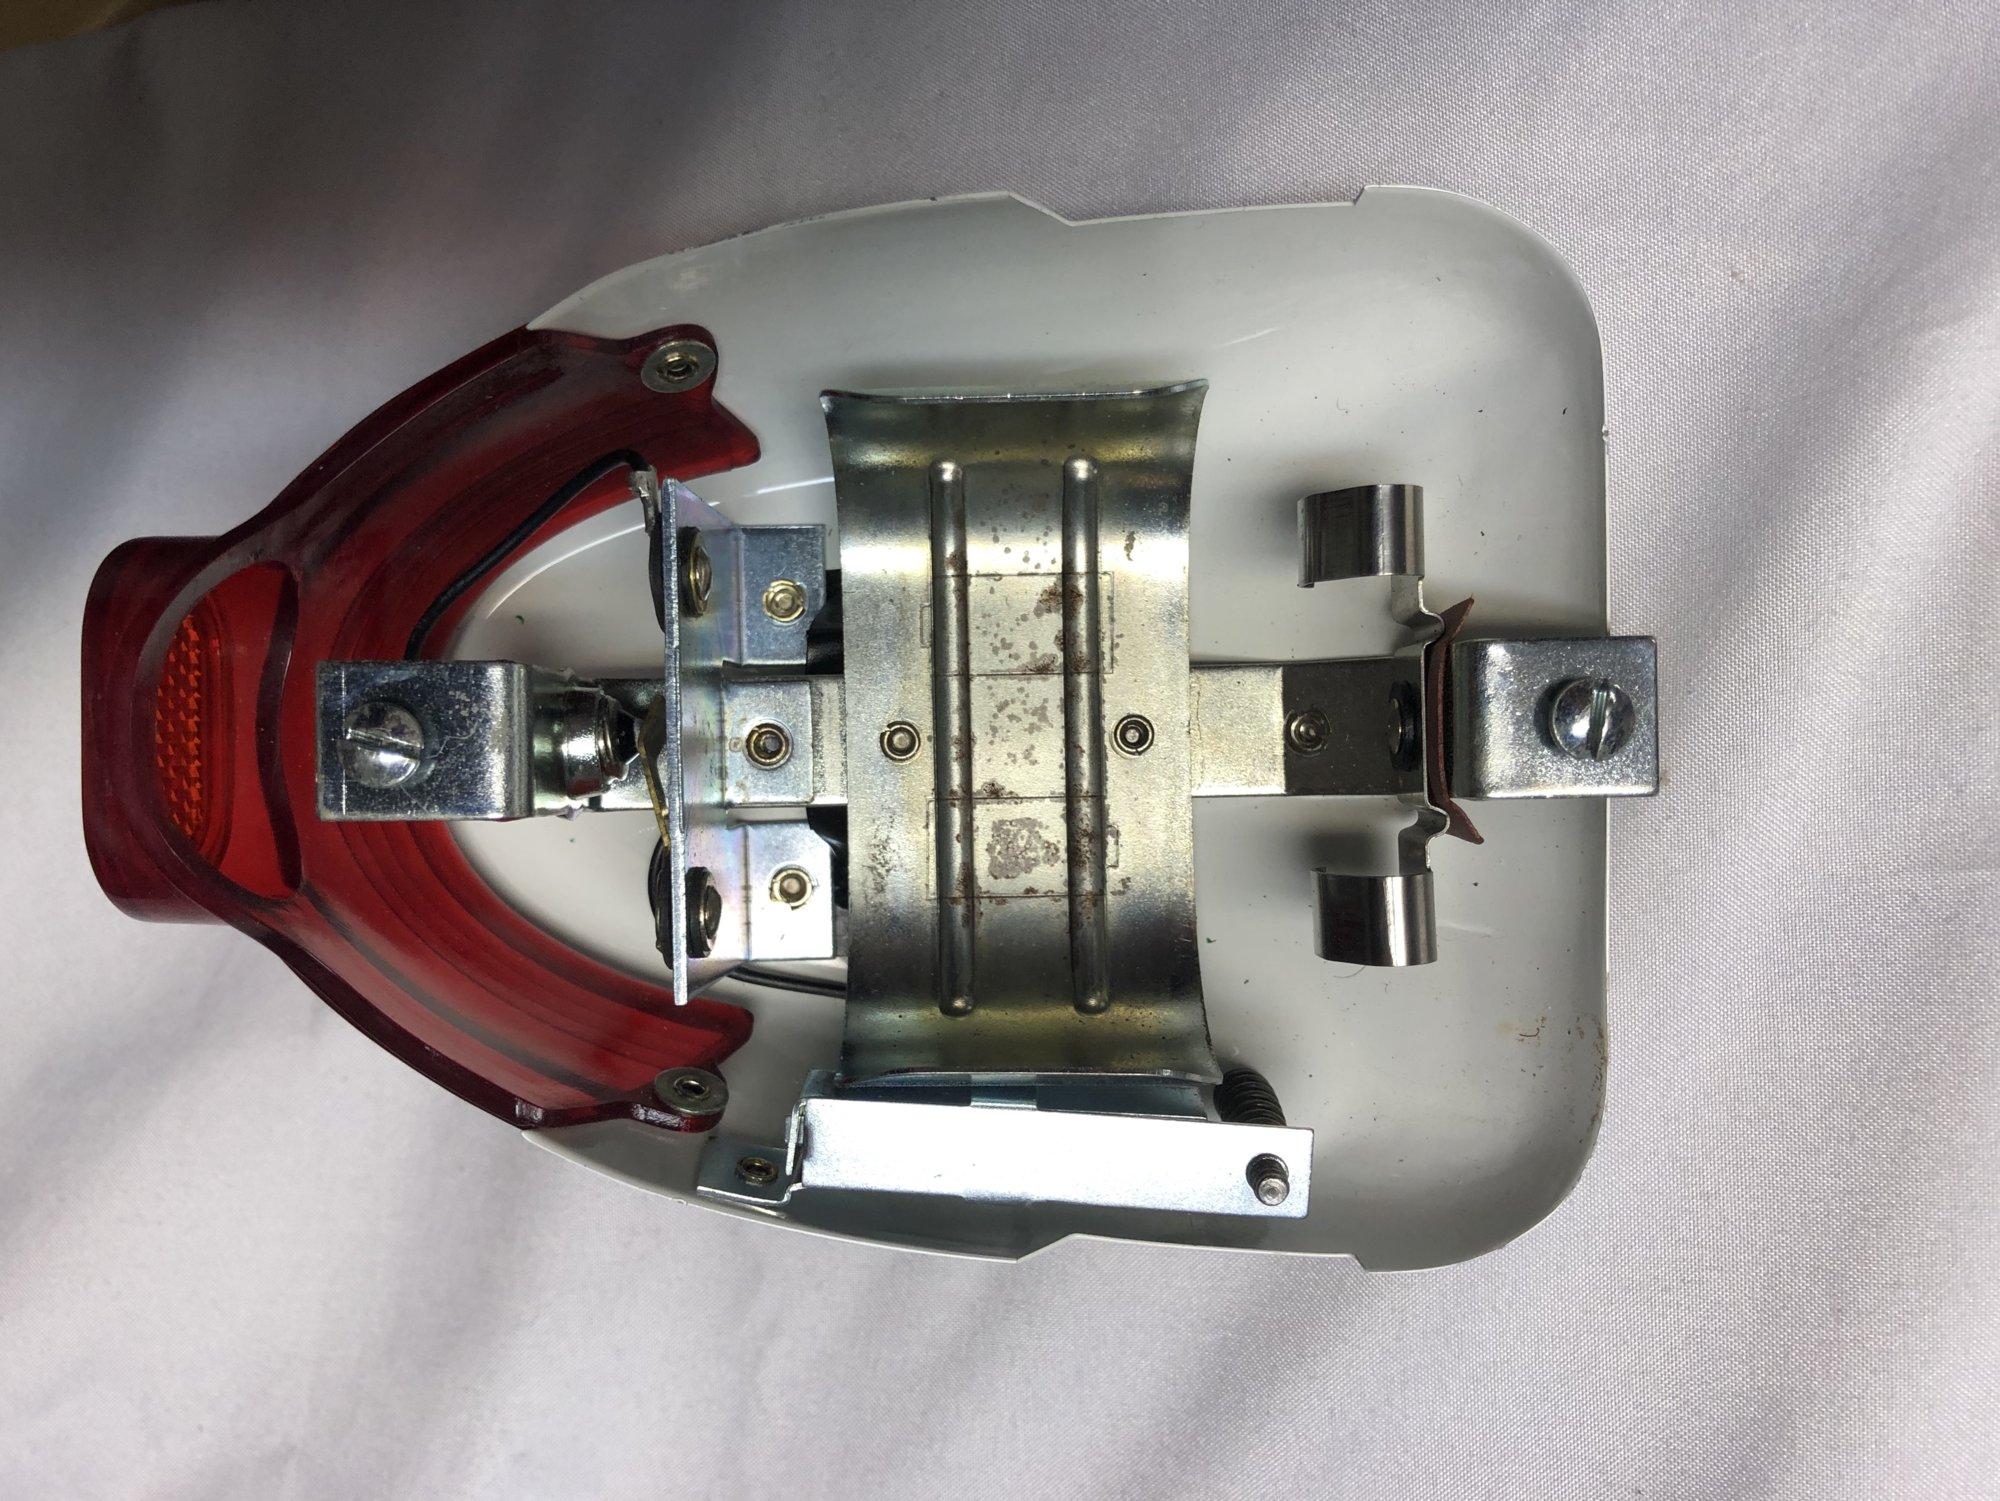 945F0C25-A22F-4095-B666-8A9168DF5BBF.jpeg